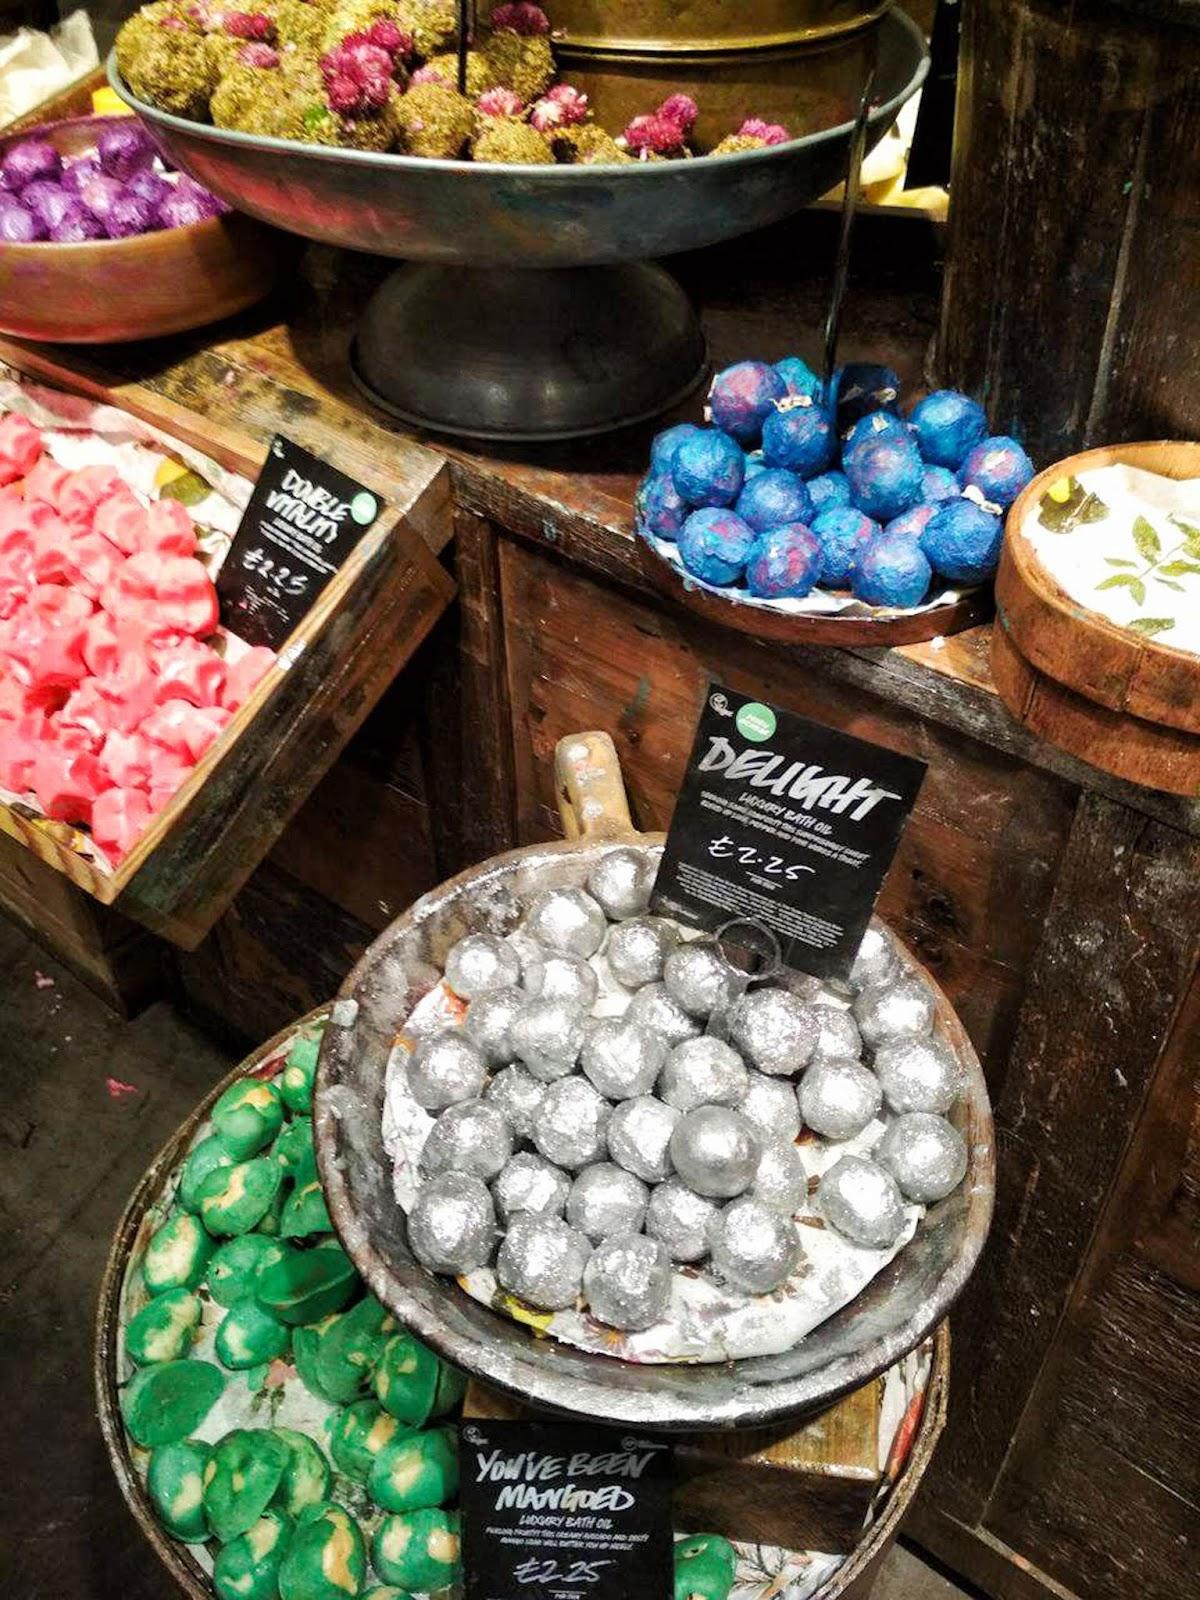 sklep Lush, sklep Lush w Londynie, Lush recenzja, Lush kule do kąpieli, gdzie kupić Lush